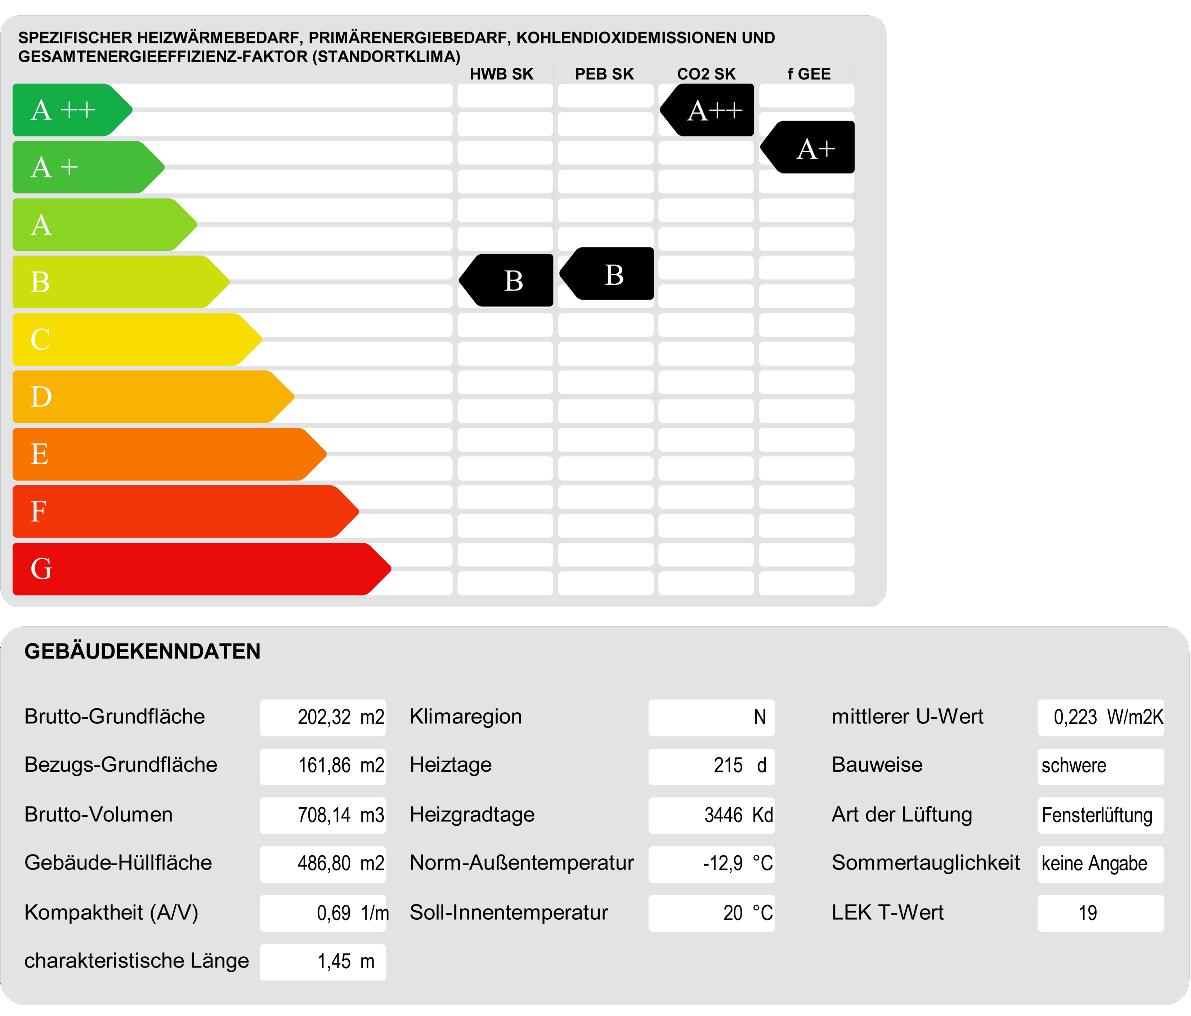 Beispiel 4-02: Energieausweis Einfamilienhaus —EFH